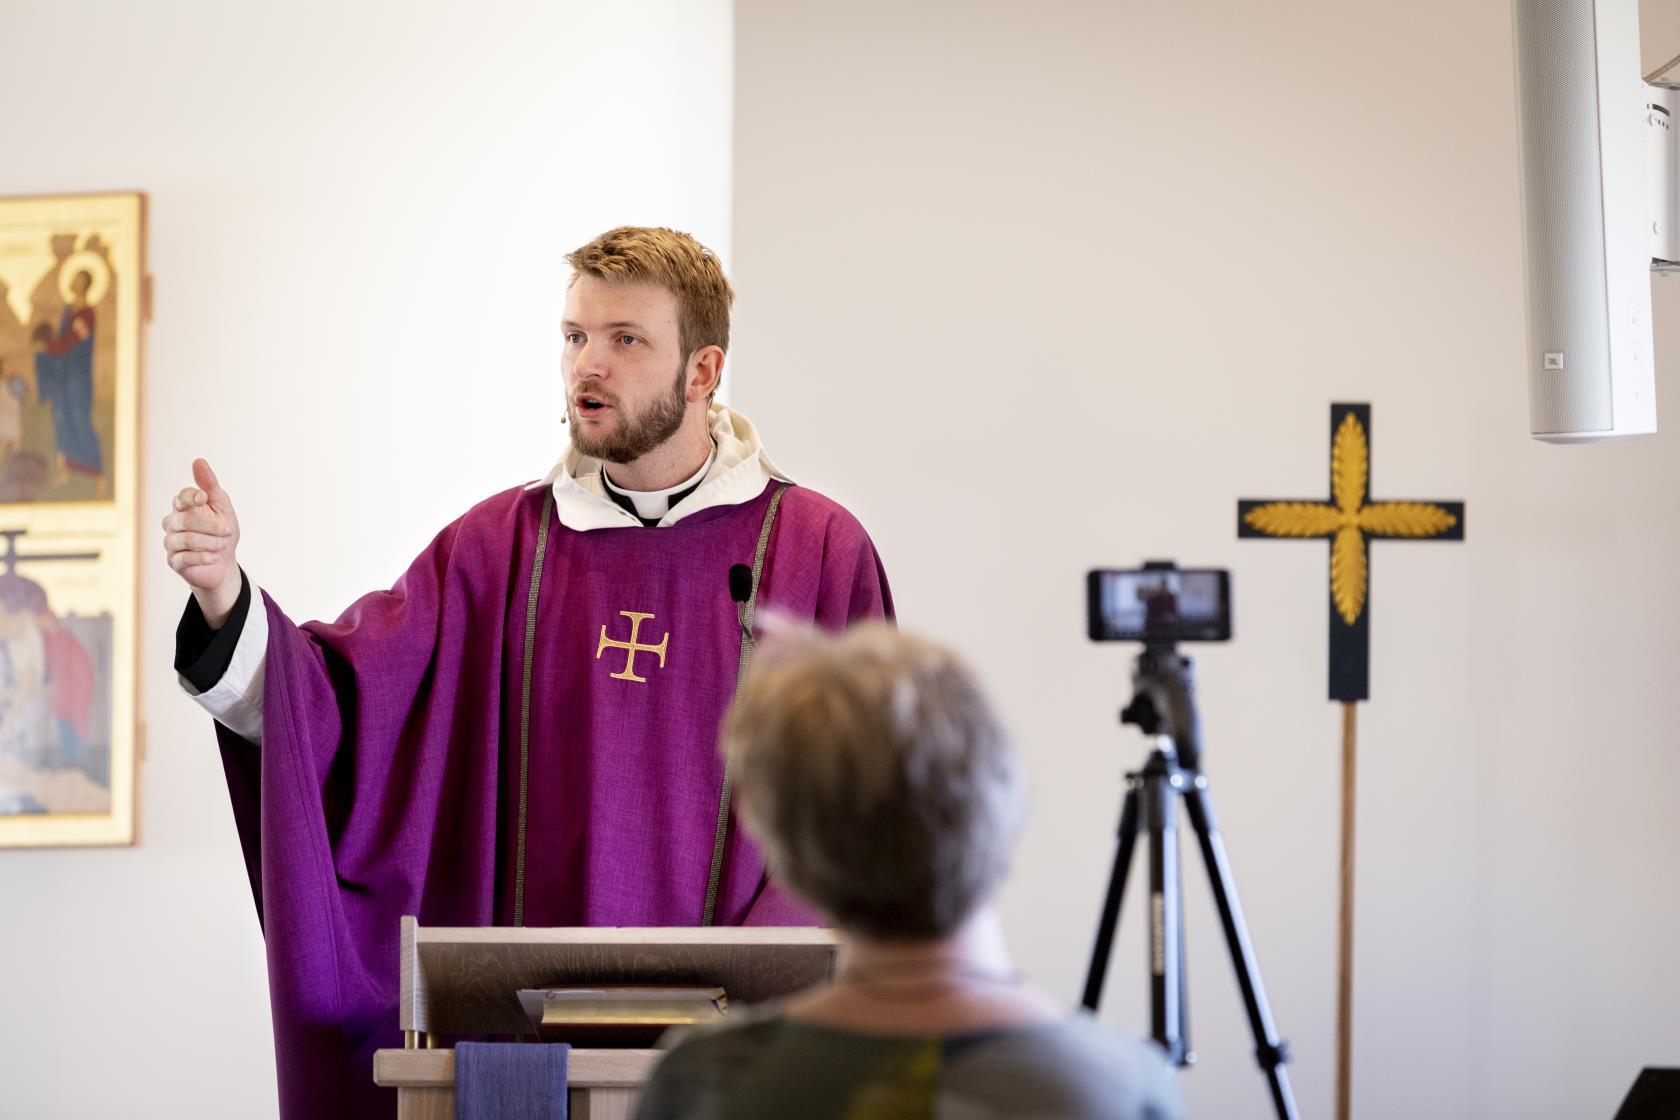 2020.04.05 Gudstjänst som livesänds via Facebook i Munkegärdekyrkan i Kungälv-Ytterby församling. Präst är Filip Lindstrand.